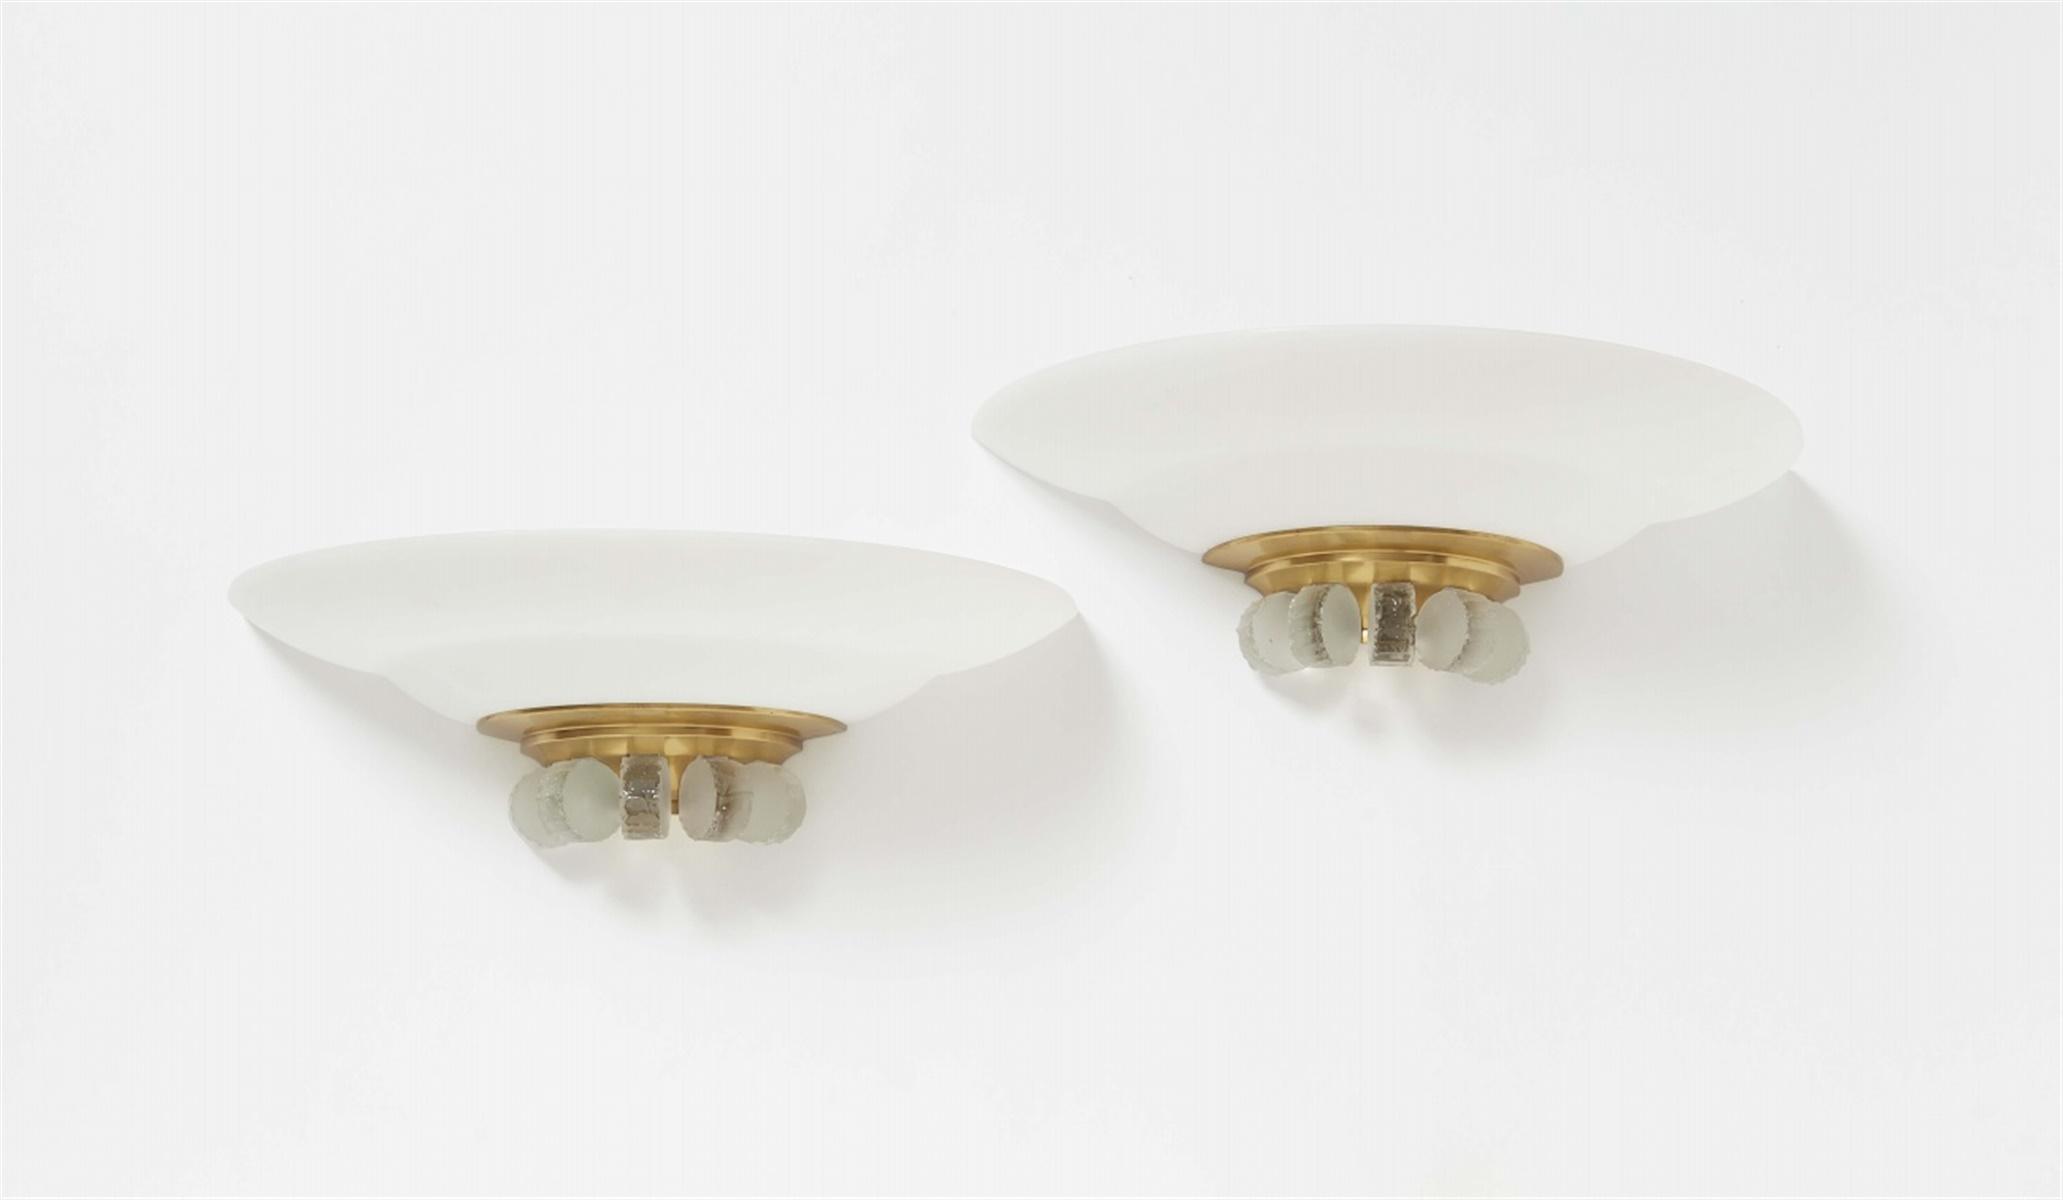 Lot 102 - Paar Appliques von Jean PerzelSatiniertes Glas und geschliffenes Klarglas, vergoldete, innen